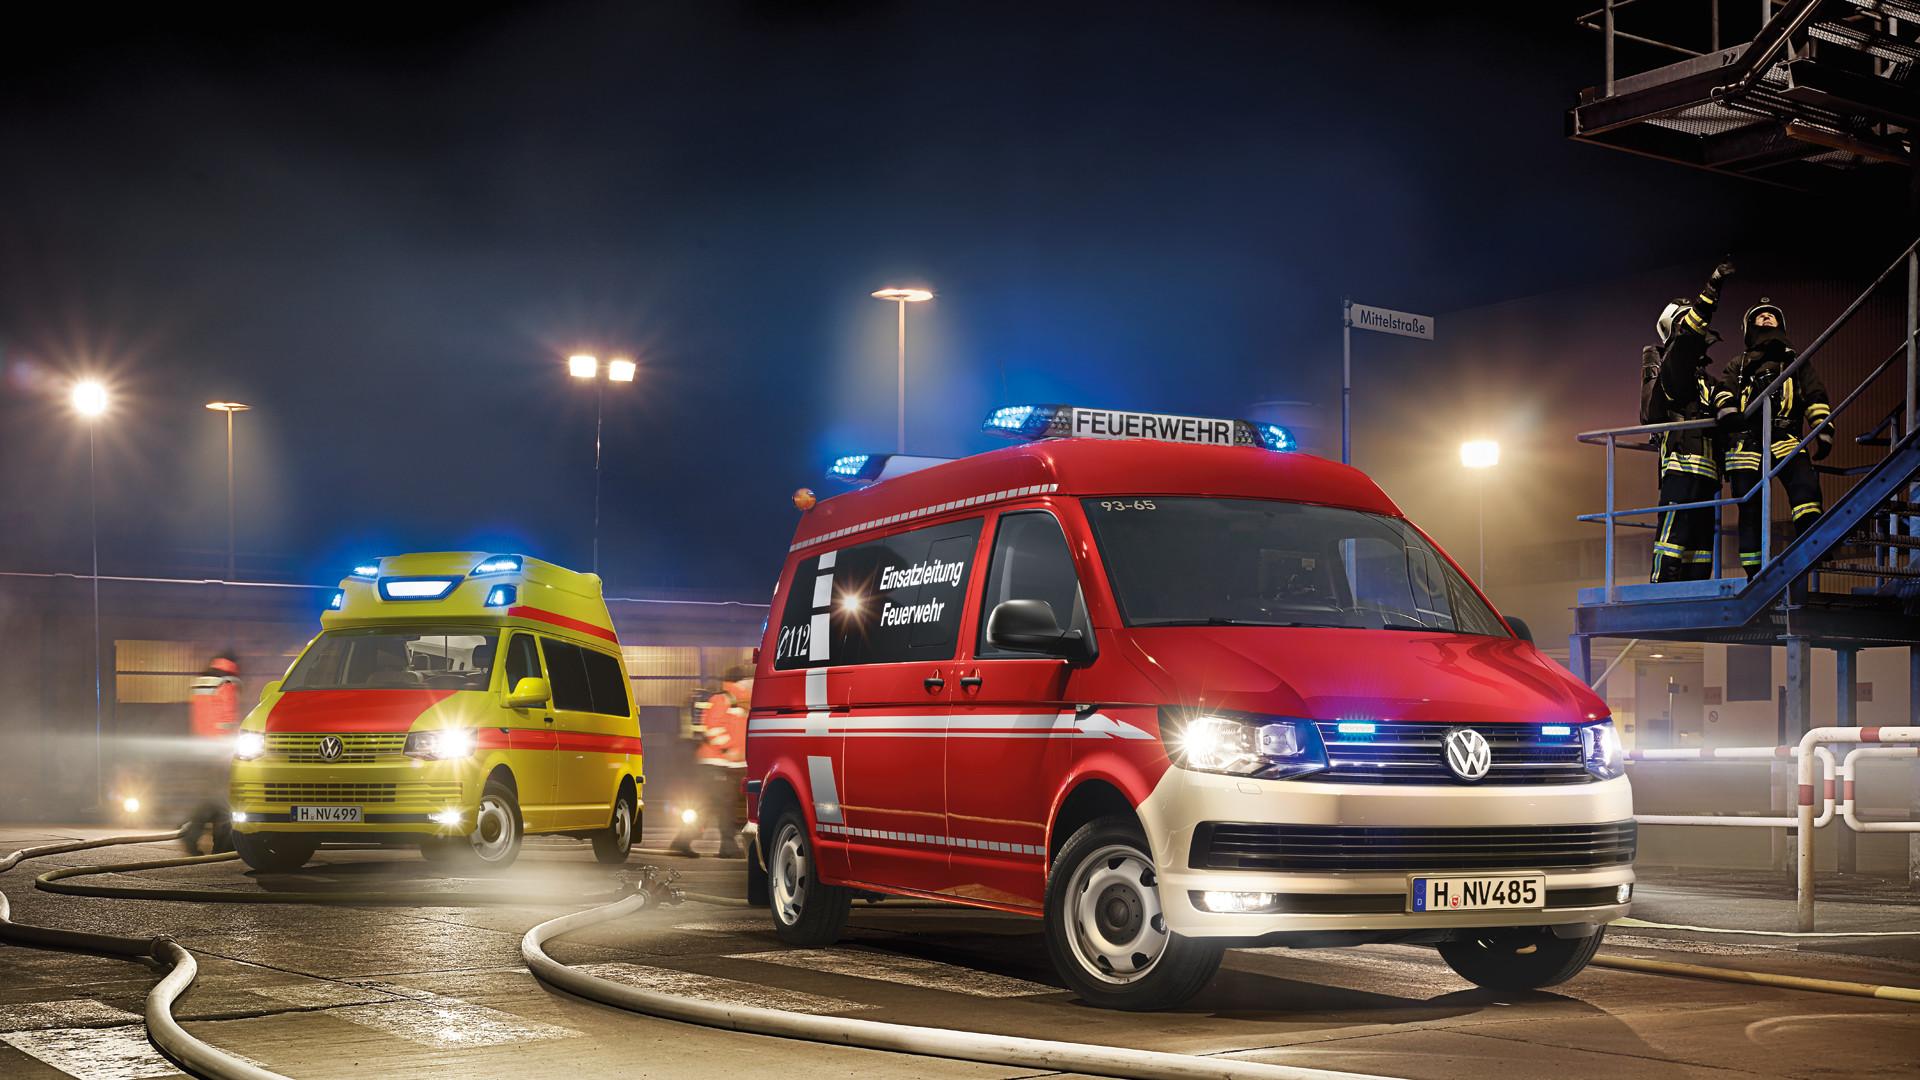 Free Race Car Wallpapers Die 78 Besten Coole Feuerwehr Hintergrundbilder